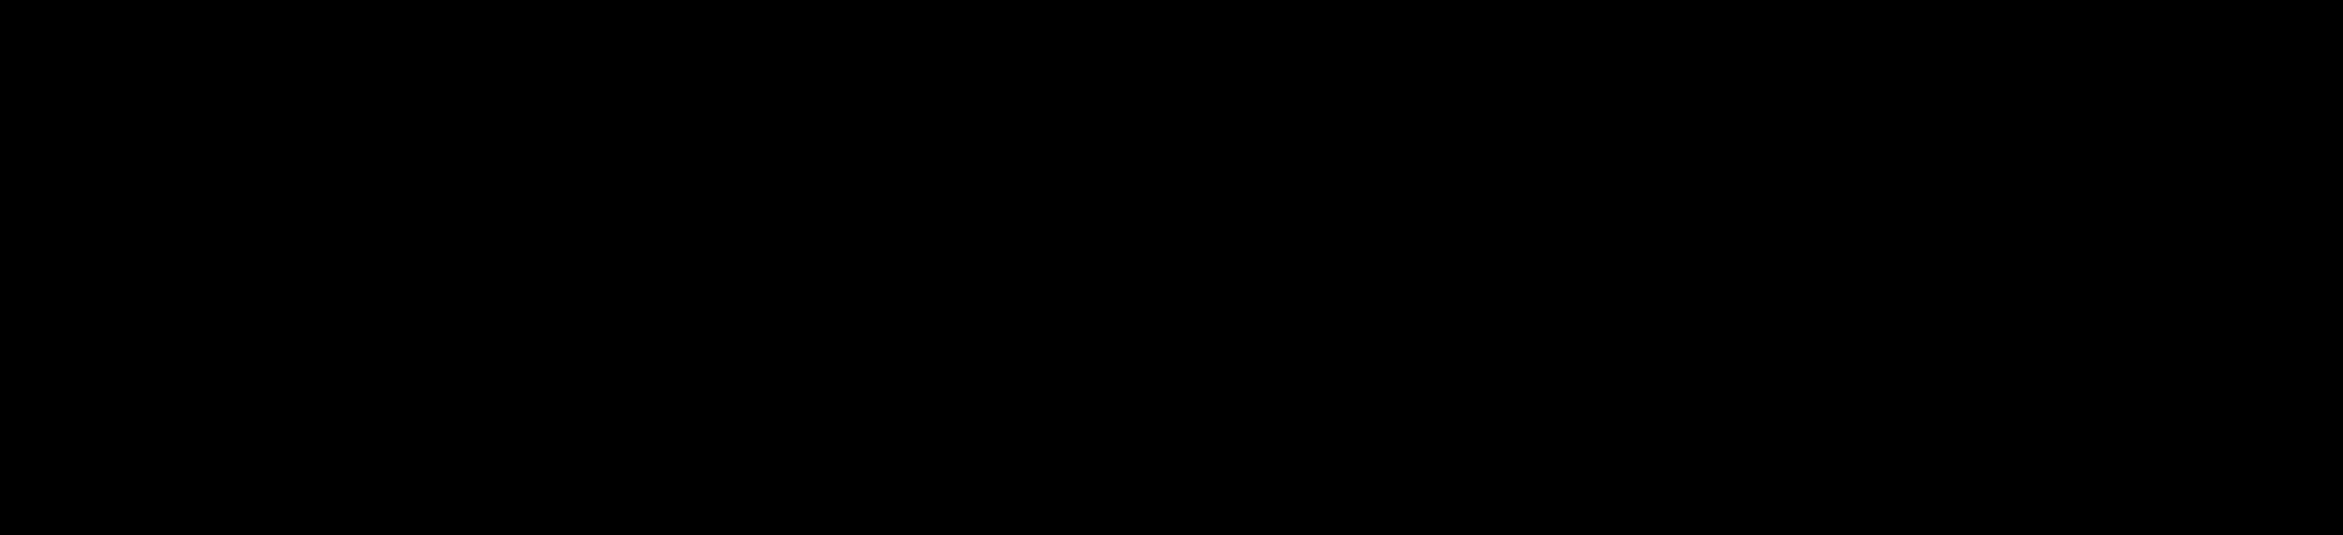 源泉舘ロゴ